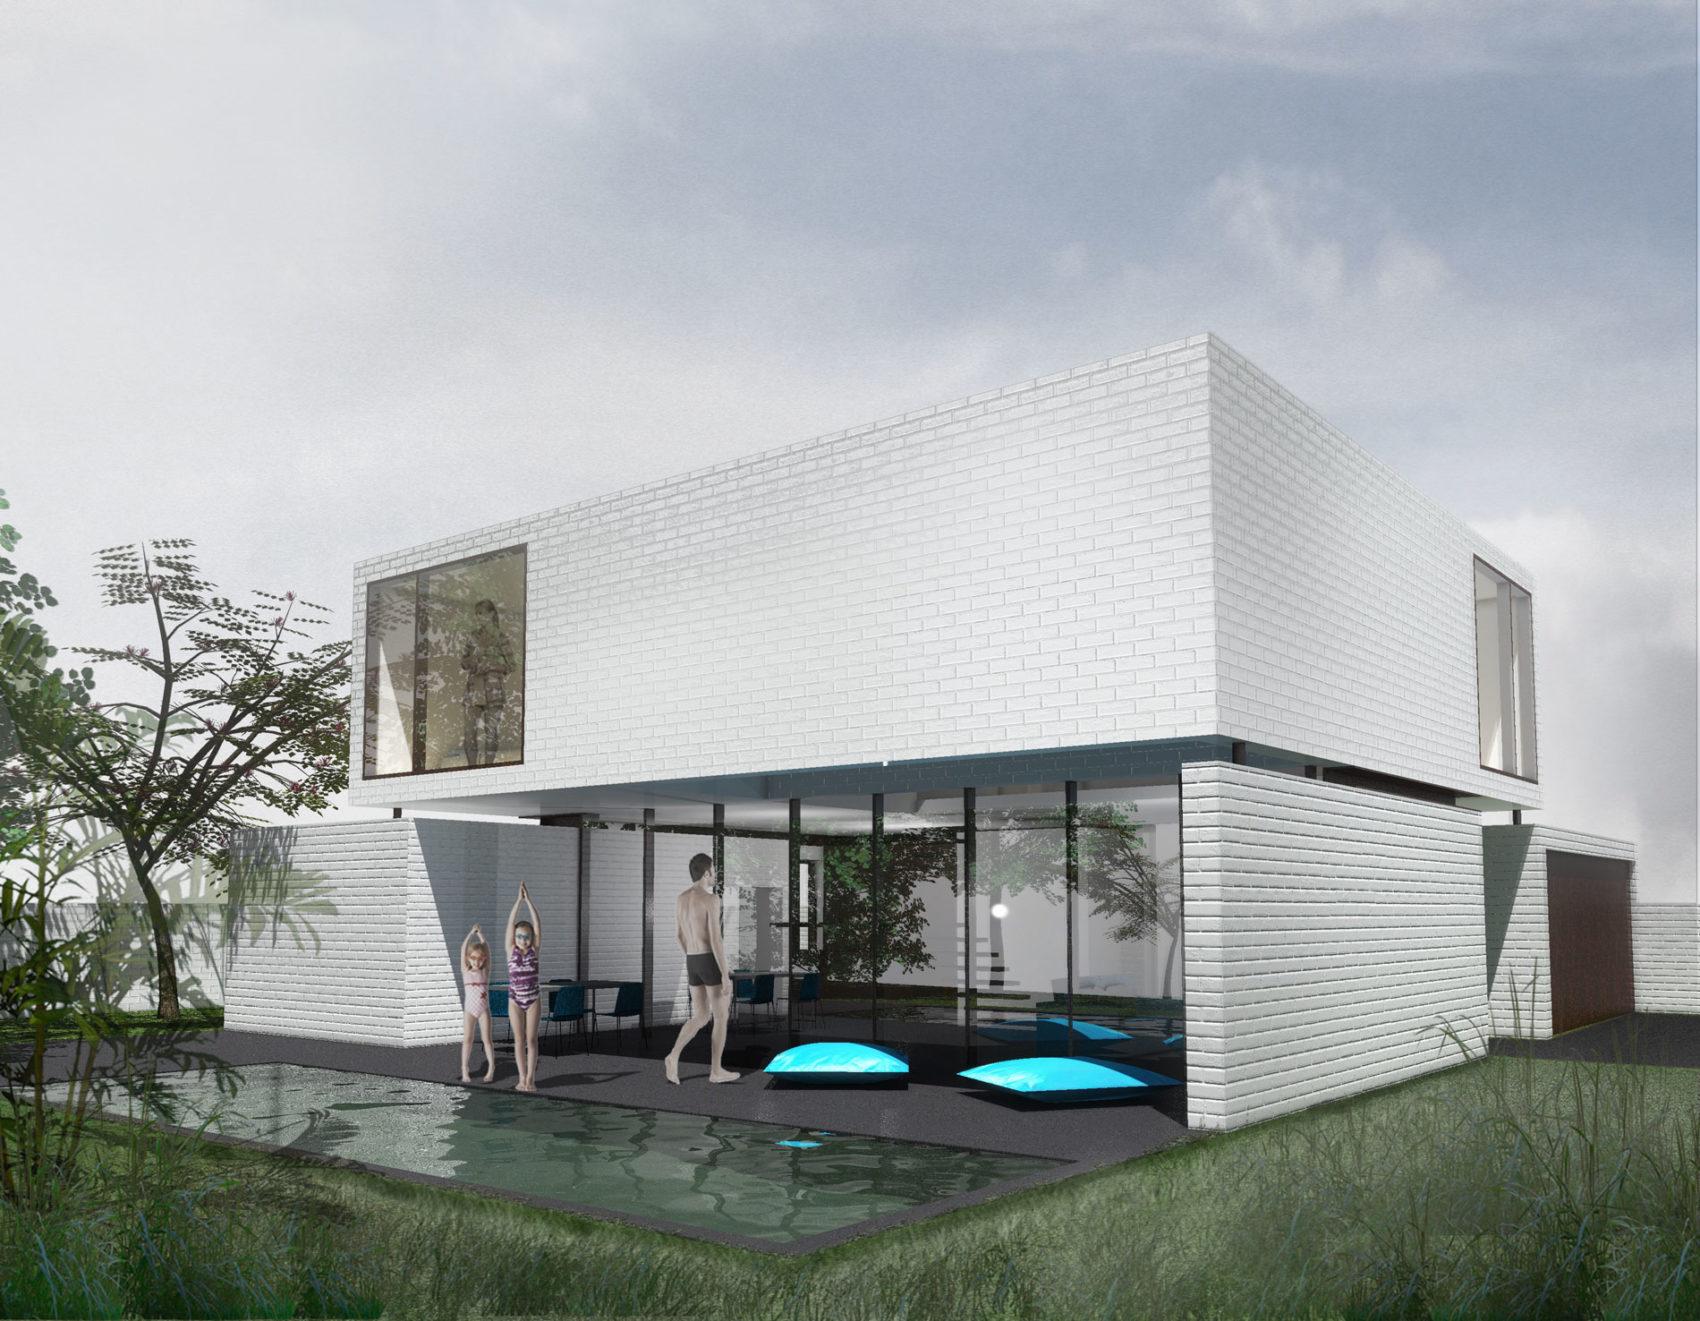 La maison MAR à Beauzelle (31 Haute Garonne) tout en briques blanches consiste en une superposition de volumes cubiques. Les lignes générales de la maison sont simples et pures.